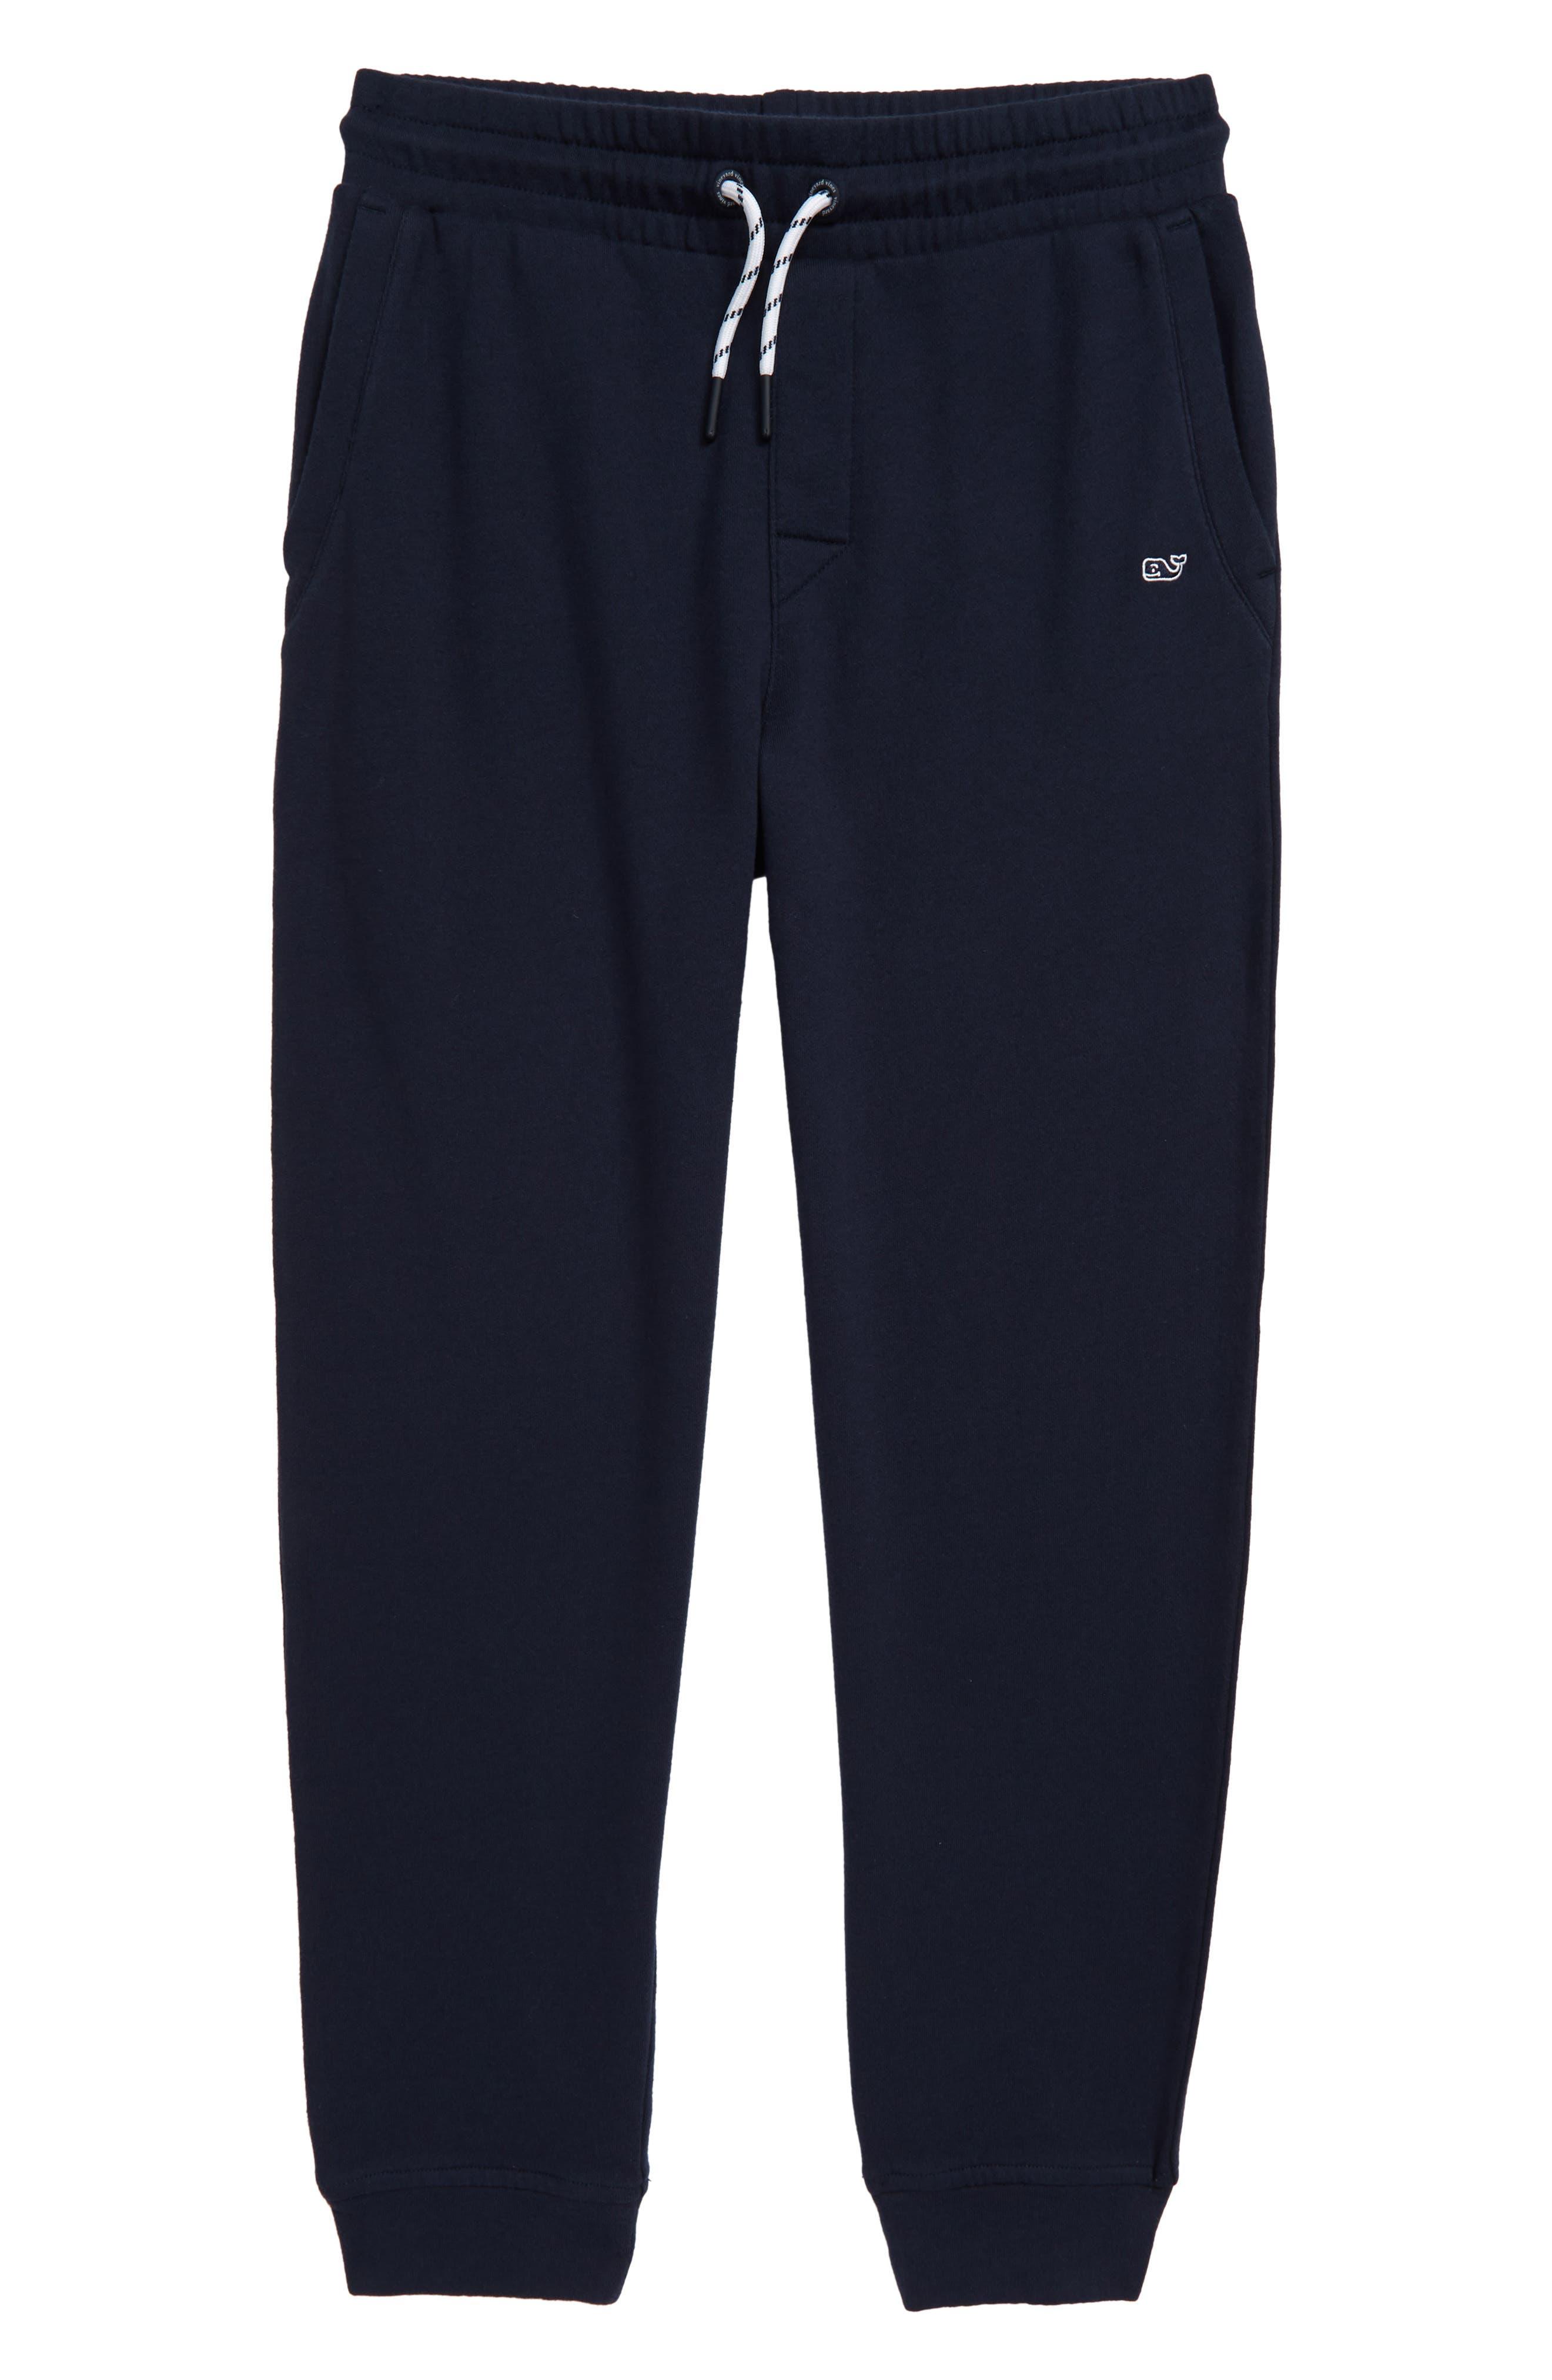 Boys Vineyard Vines Go Knit Jogger Sweatpants Size L (16)  Blue